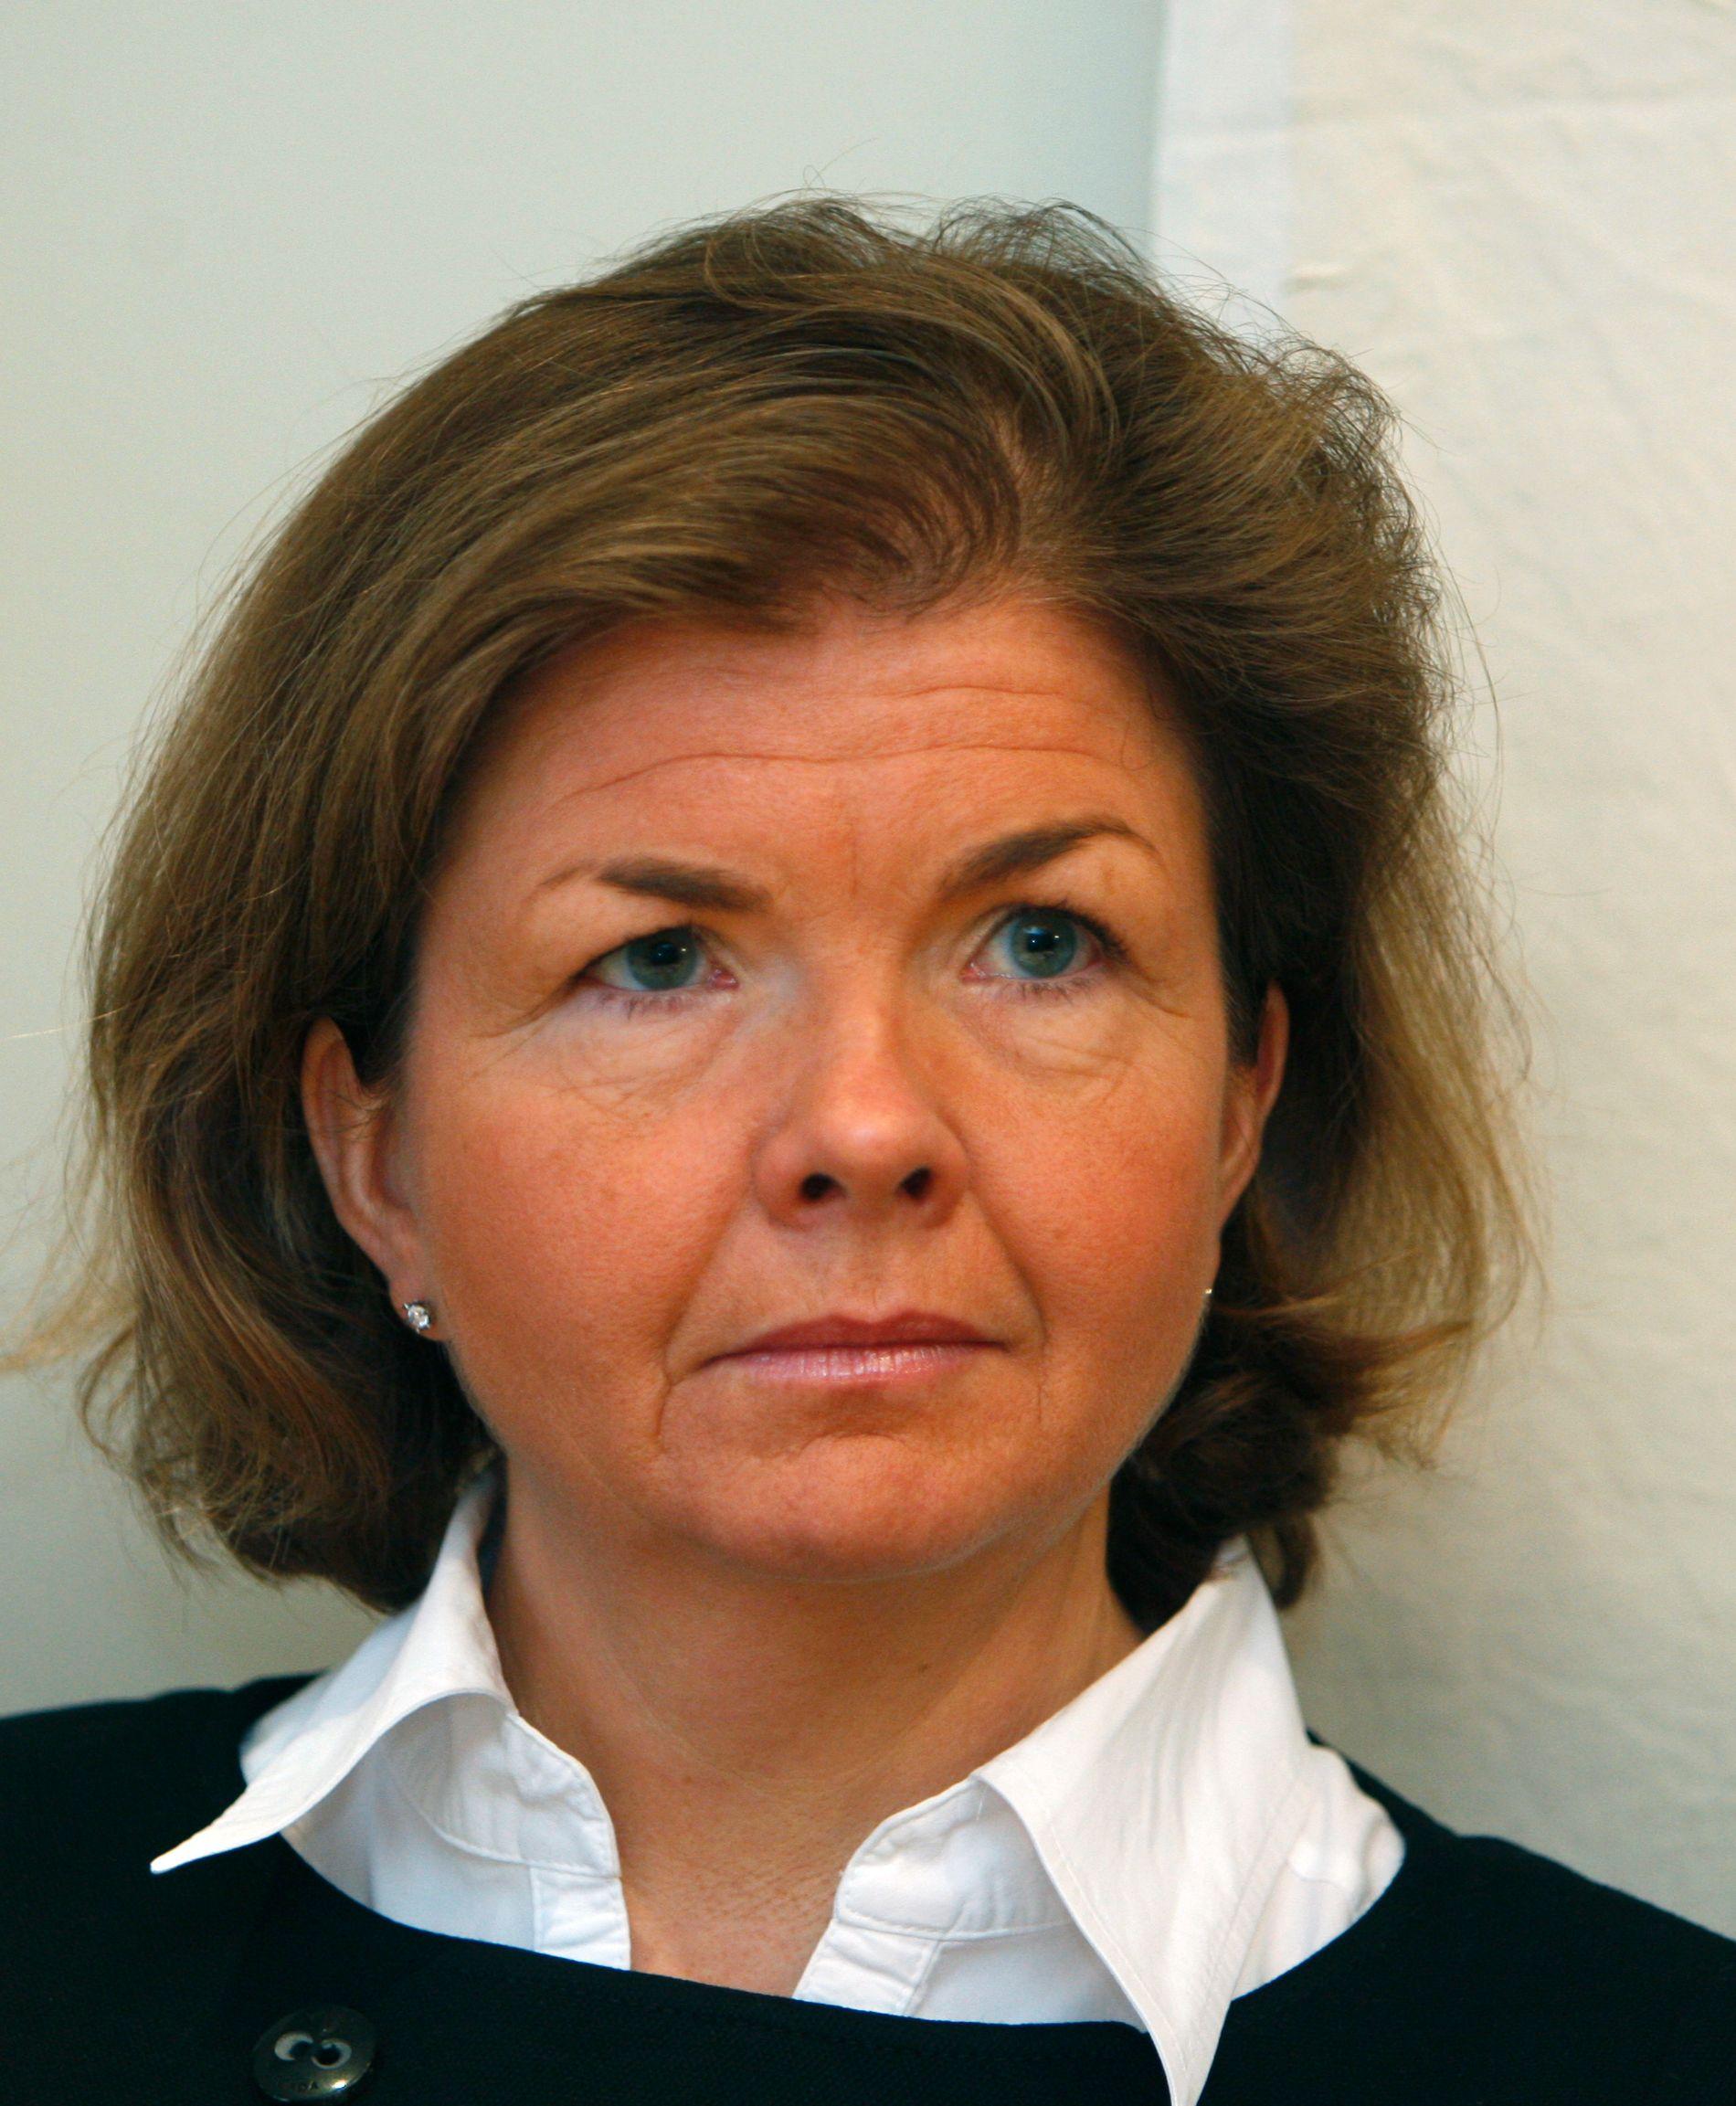 Anne Merethe Bellamy, direktør for markedstilsyn i Finanstilsynet.